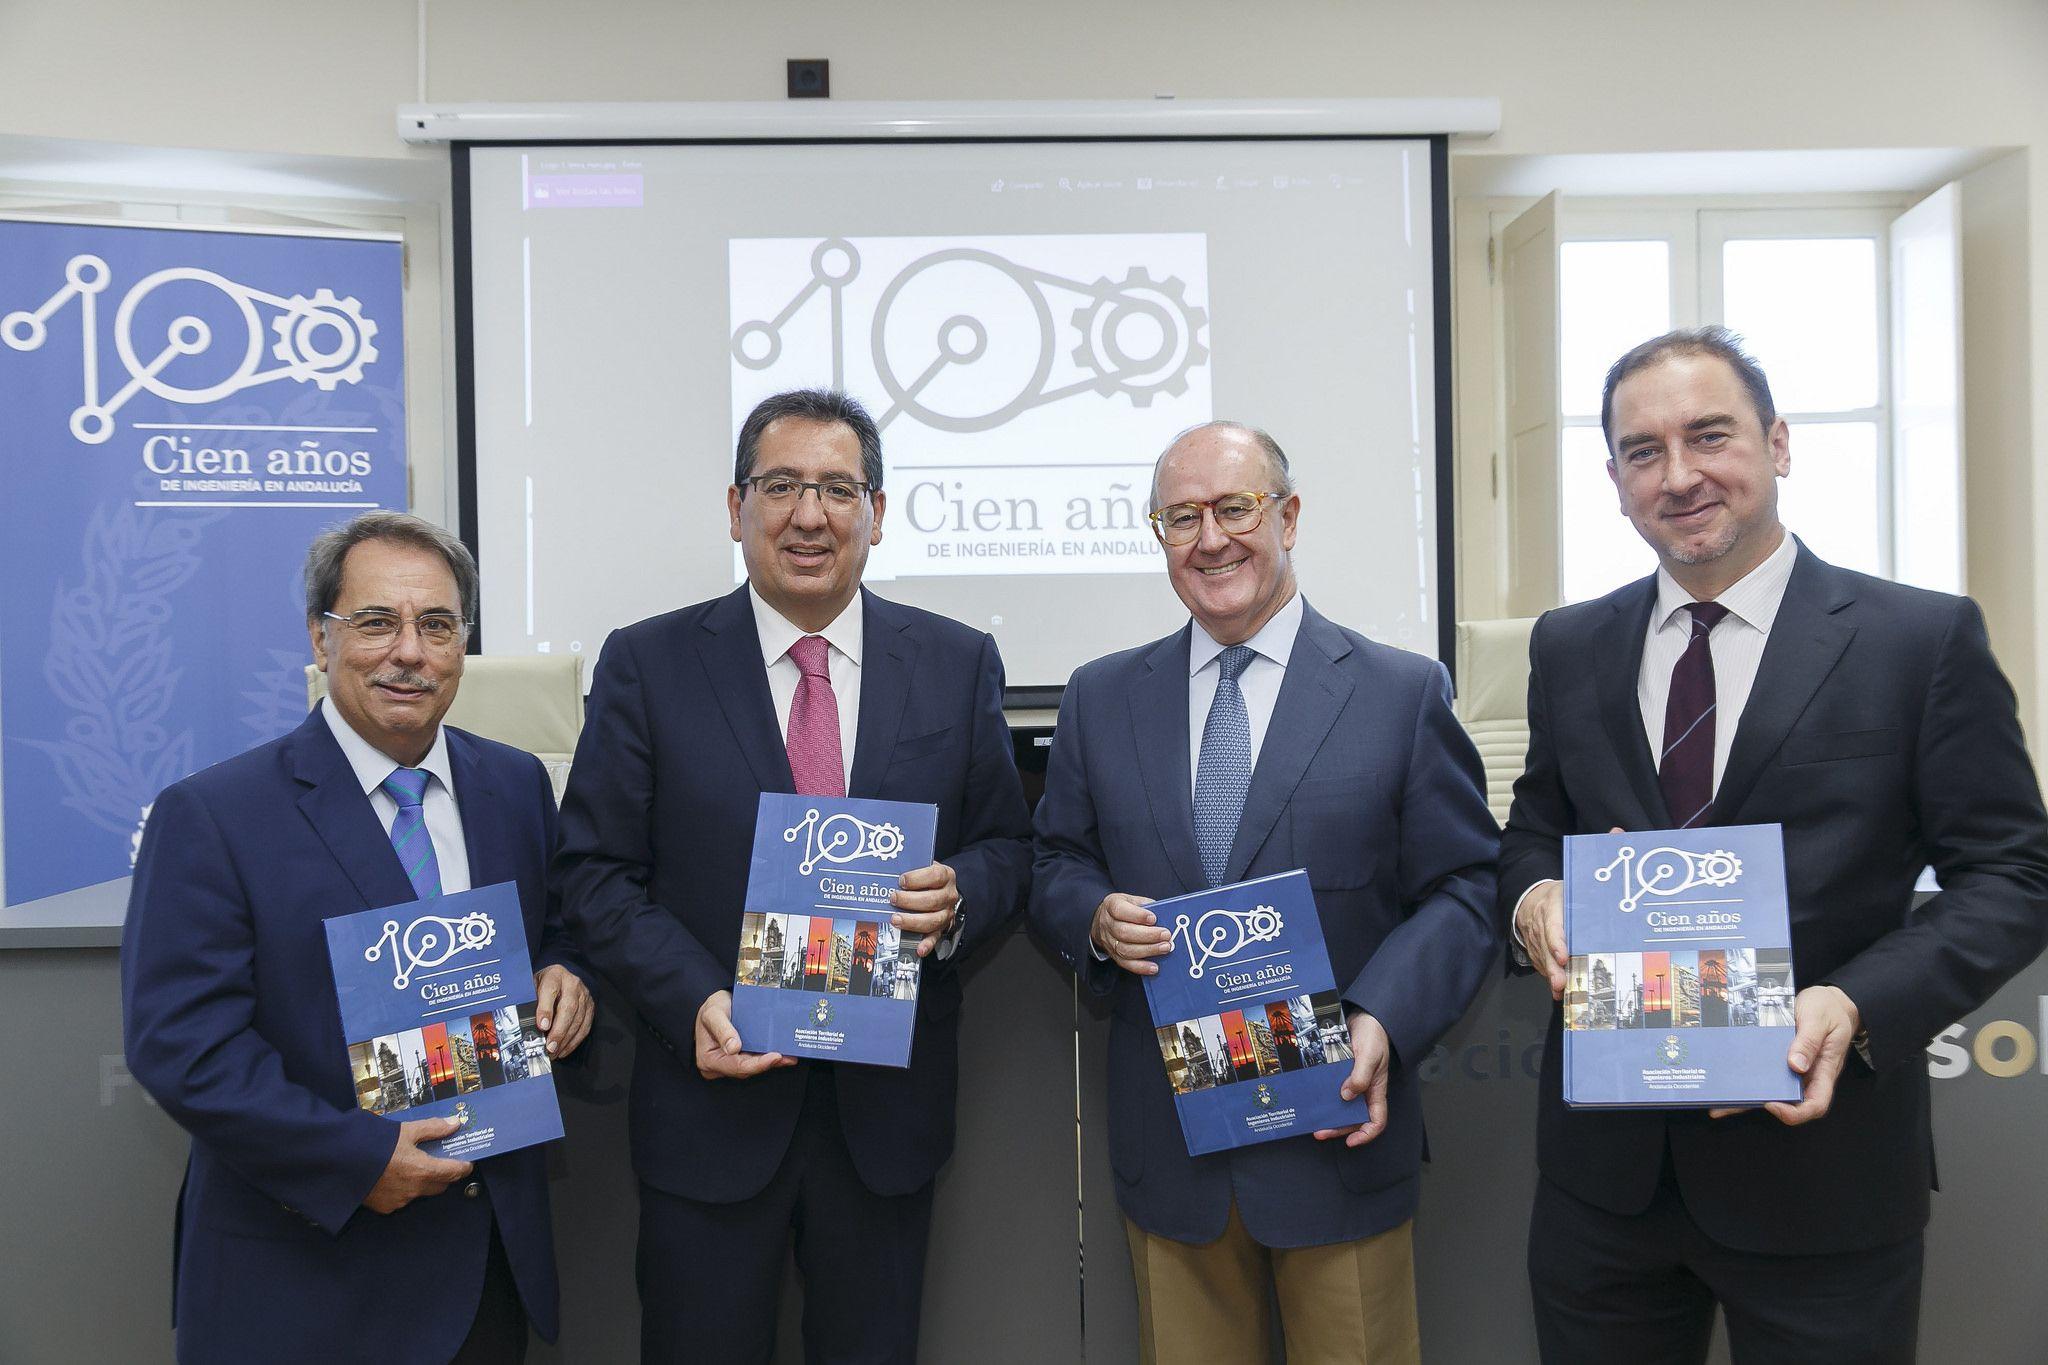 Presidente de la Fundación Cajasol en la presentación del libro del centenario de la Asociación de Ingenieros Industriales